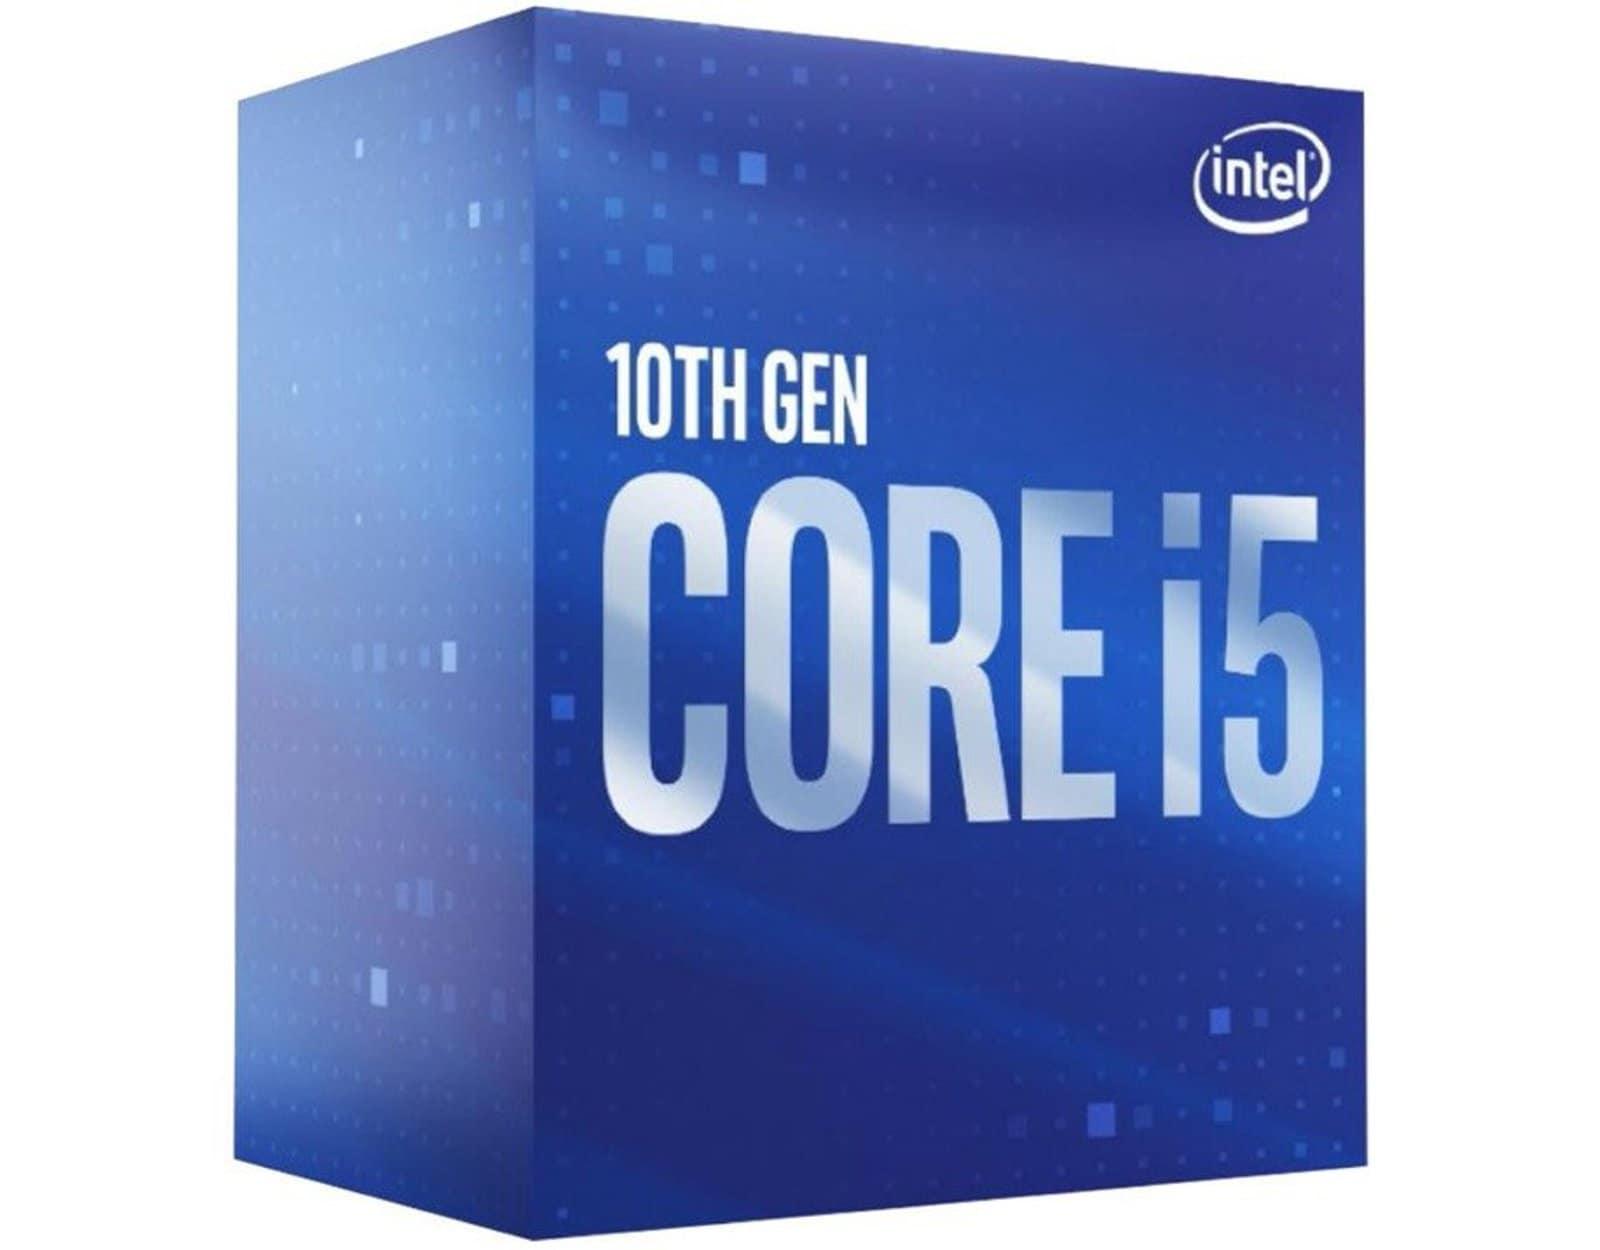 Gaming PC Intel Core i5-10400F / Zotac GeForce GTX 1650 4GB / 240GB SSD / 8GB DDR4 / WIN 10 PRO - 4